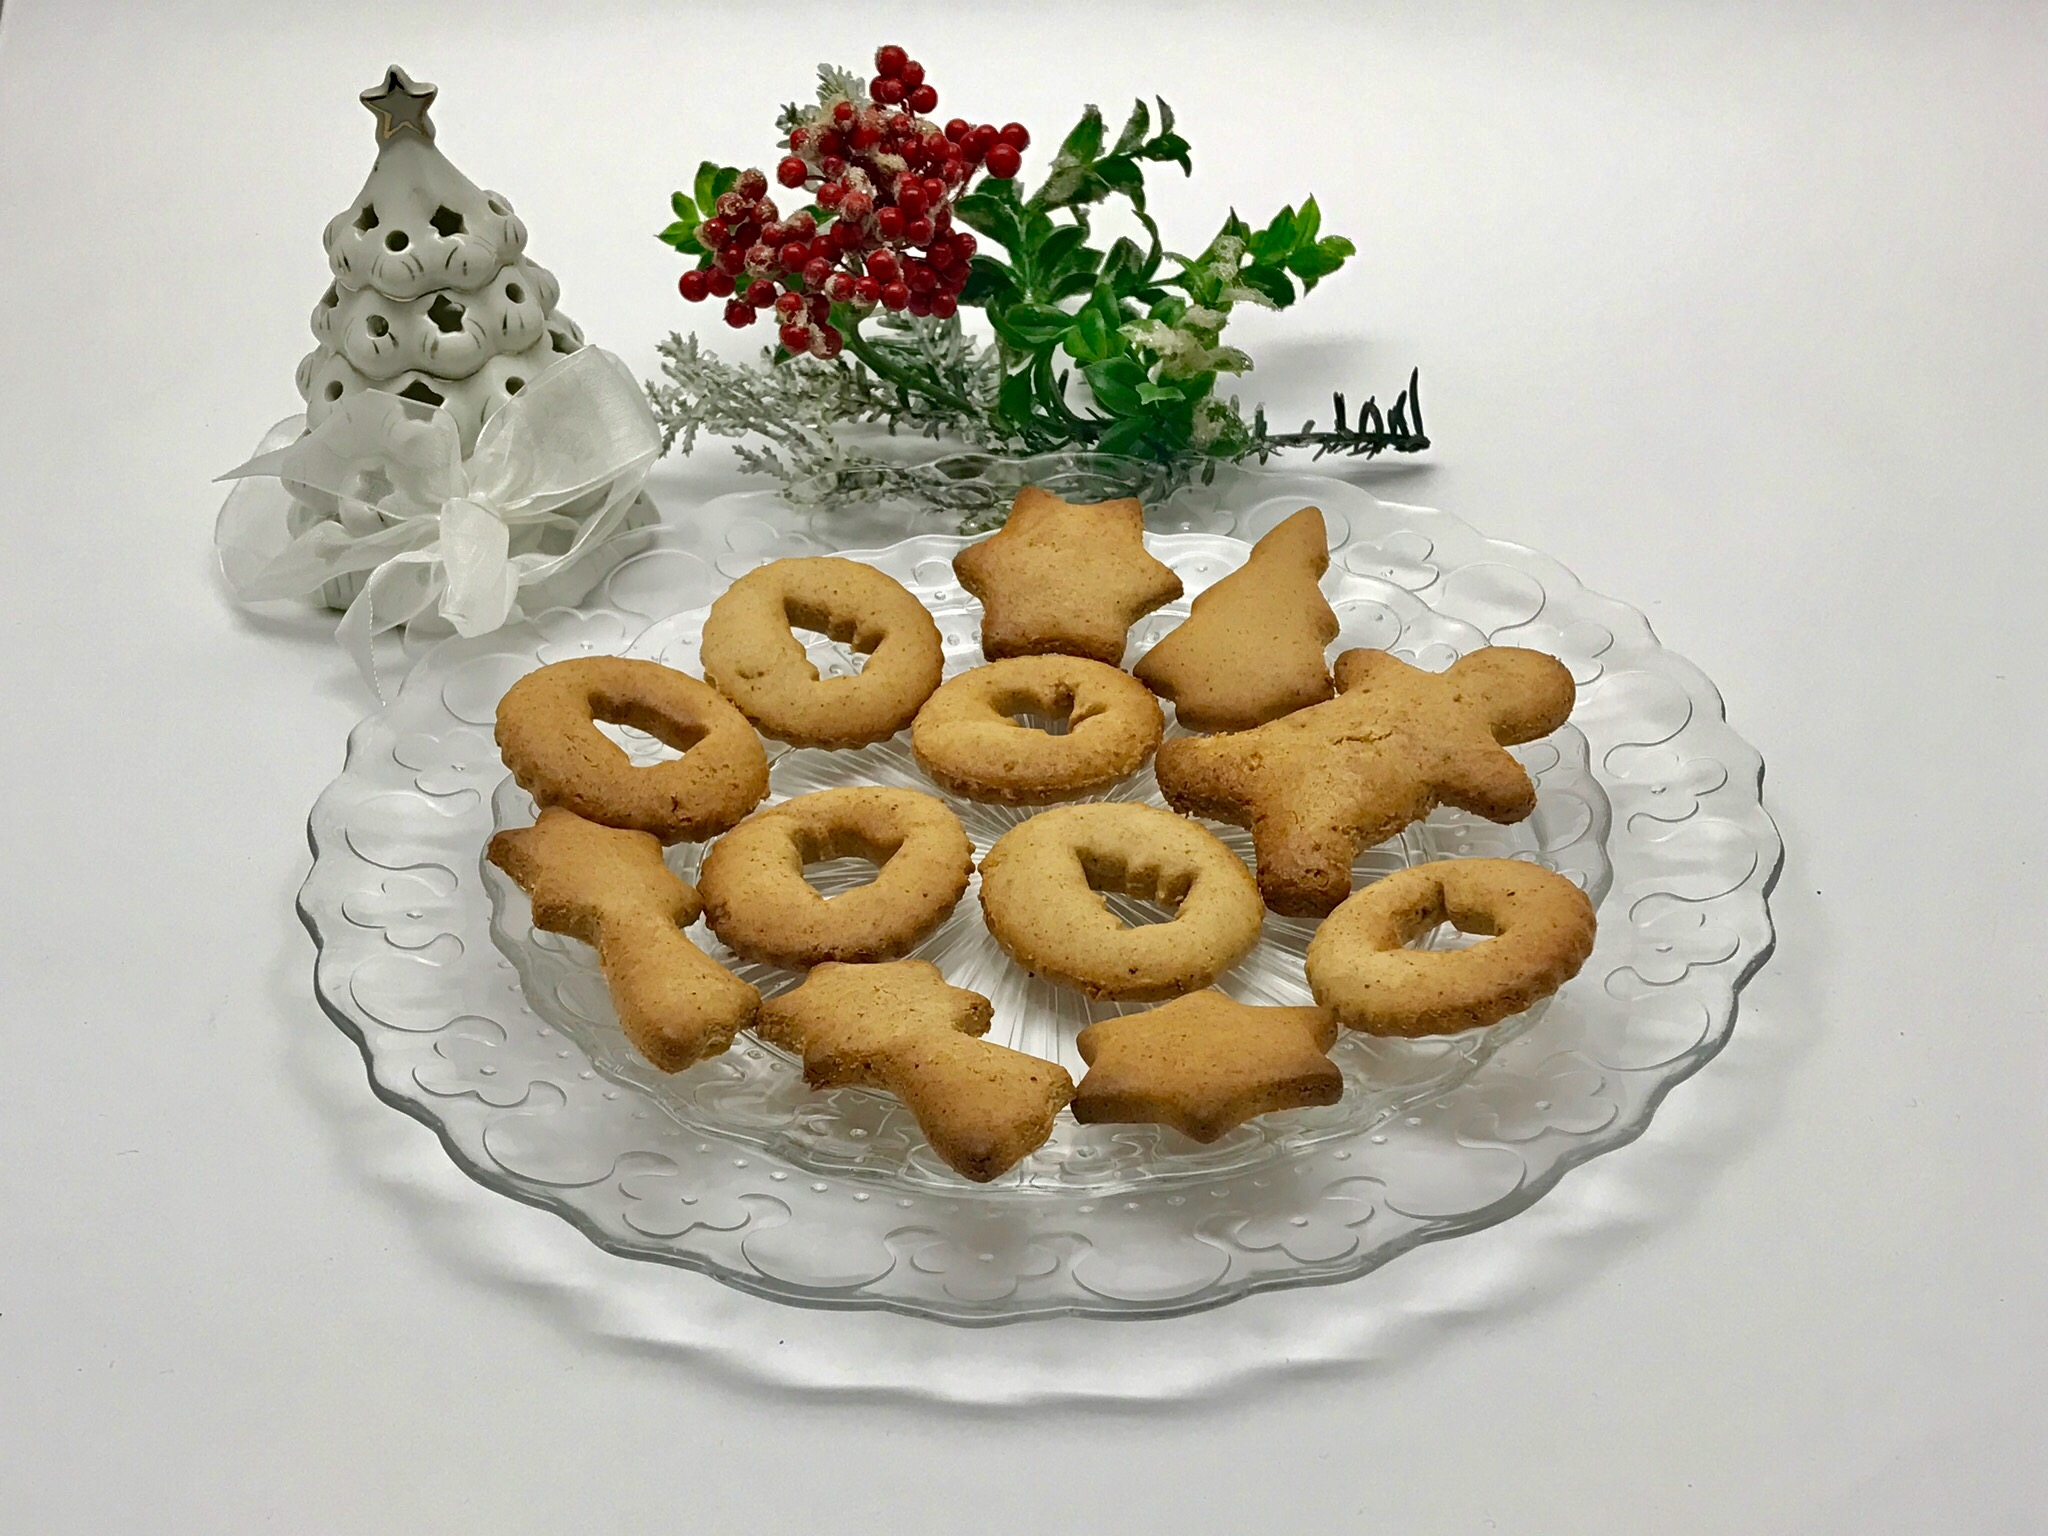 23 dicembre 2016  - Biscotti di Natale, senza glutine, senza burro e senza uova